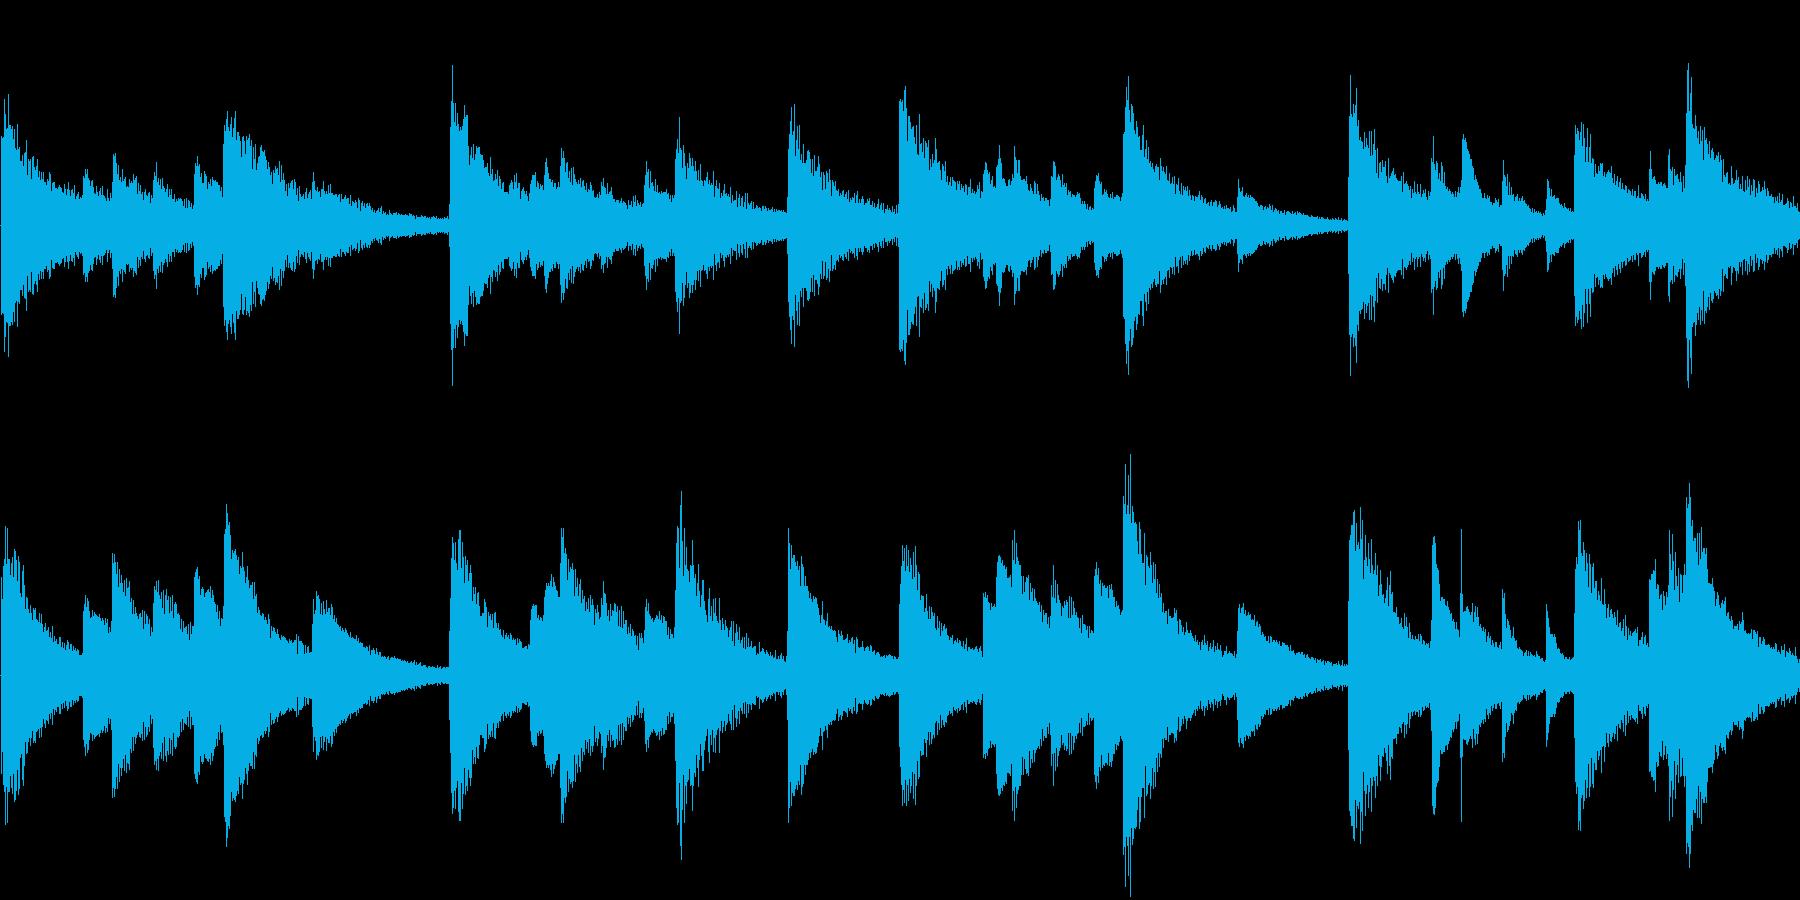 ピアノをメインにしたブランドイメージC…の再生済みの波形